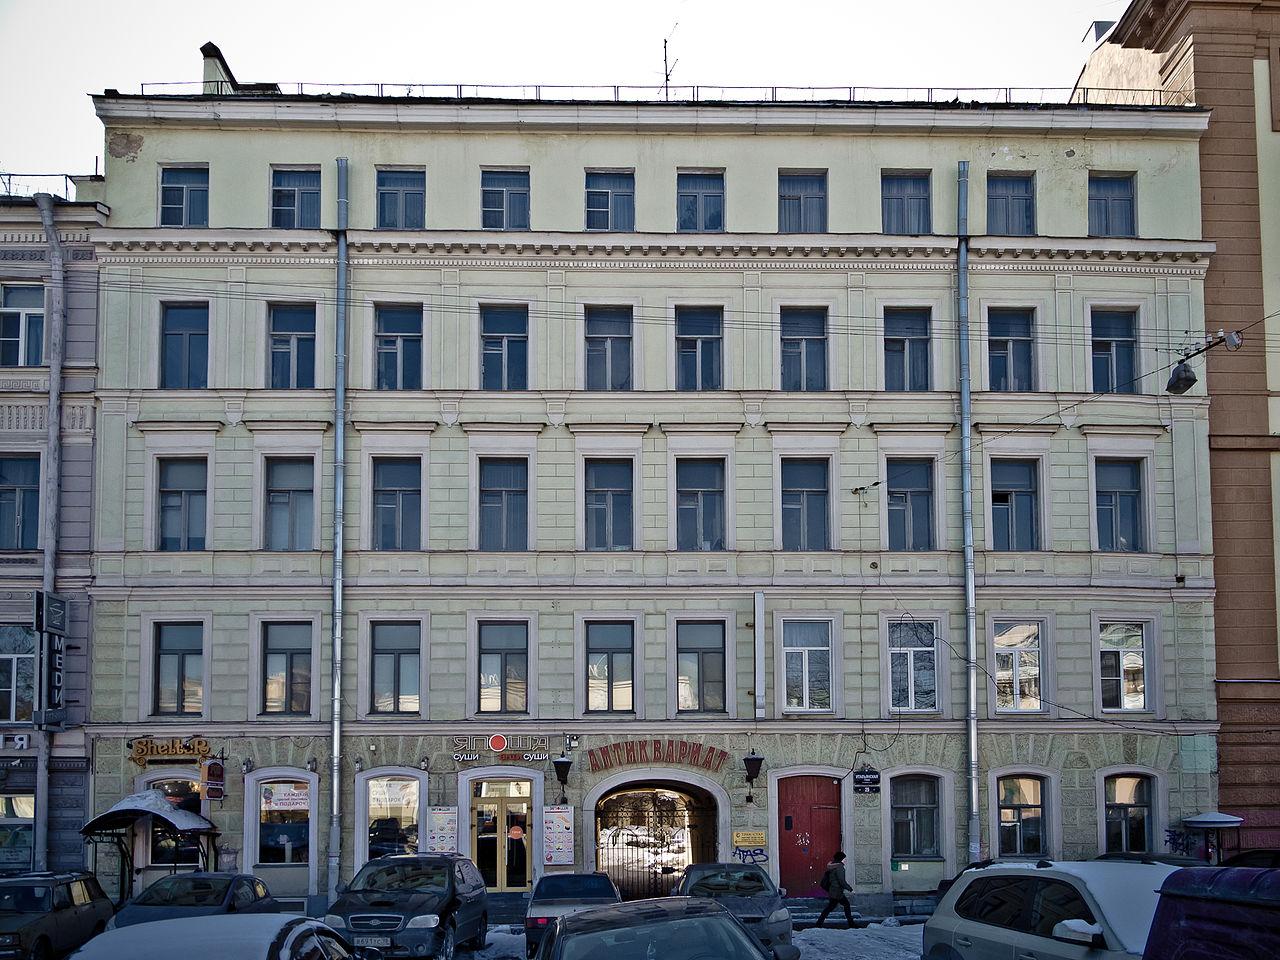 Доходный дом, Итальянская улица, 29. Фото: Florstein (Wikimedia Commons)